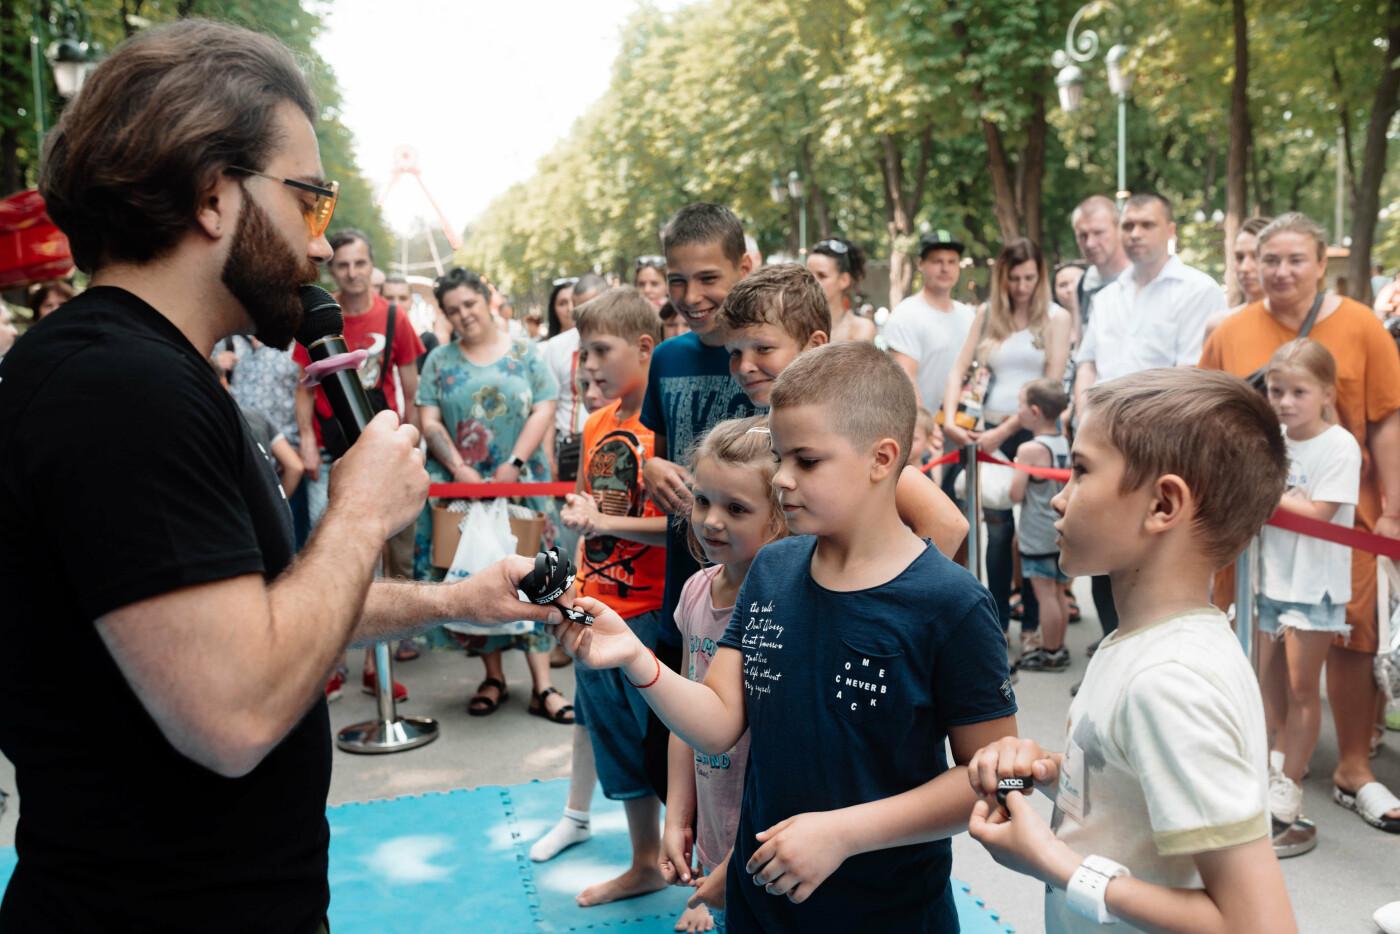 В спорт с детства - в Харькове поддерживают молодых спортсменов , фото-4